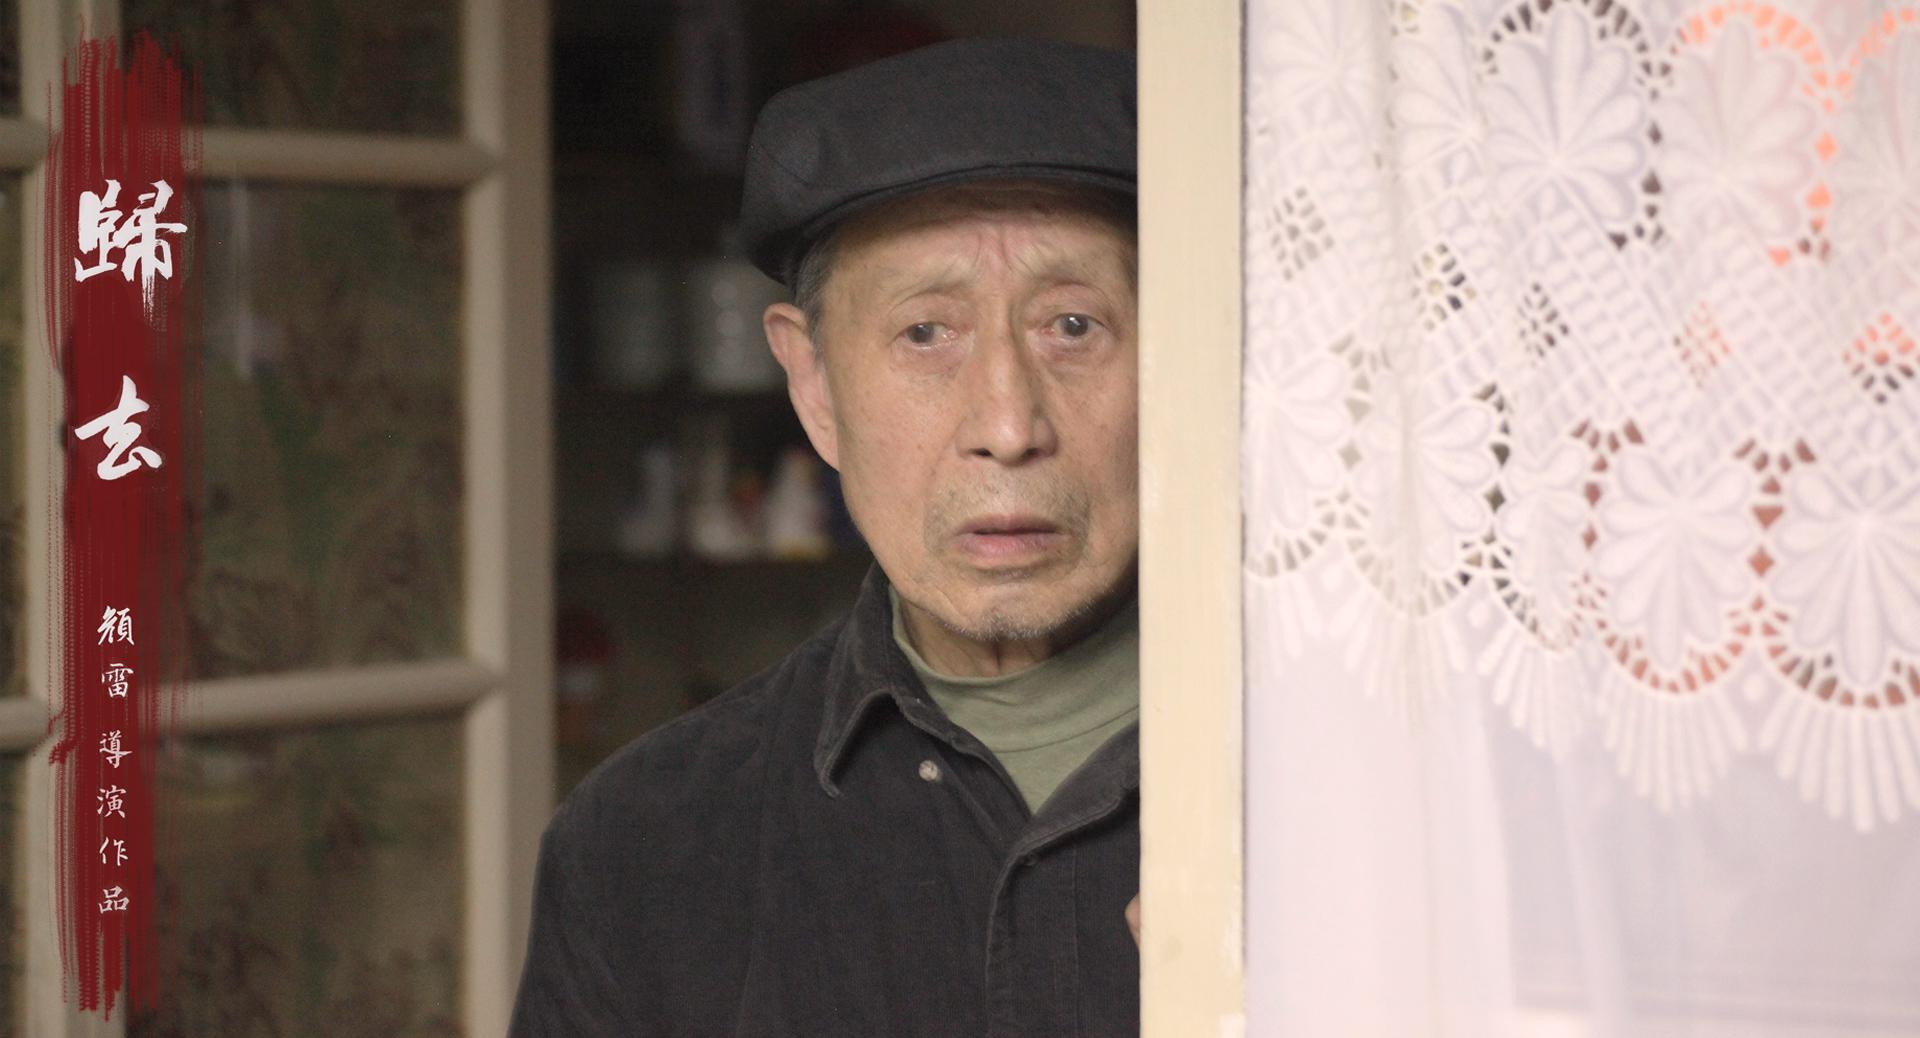 现实题材电影《归去》11月28日上映徐才根主演聚焦老年人家庭生活